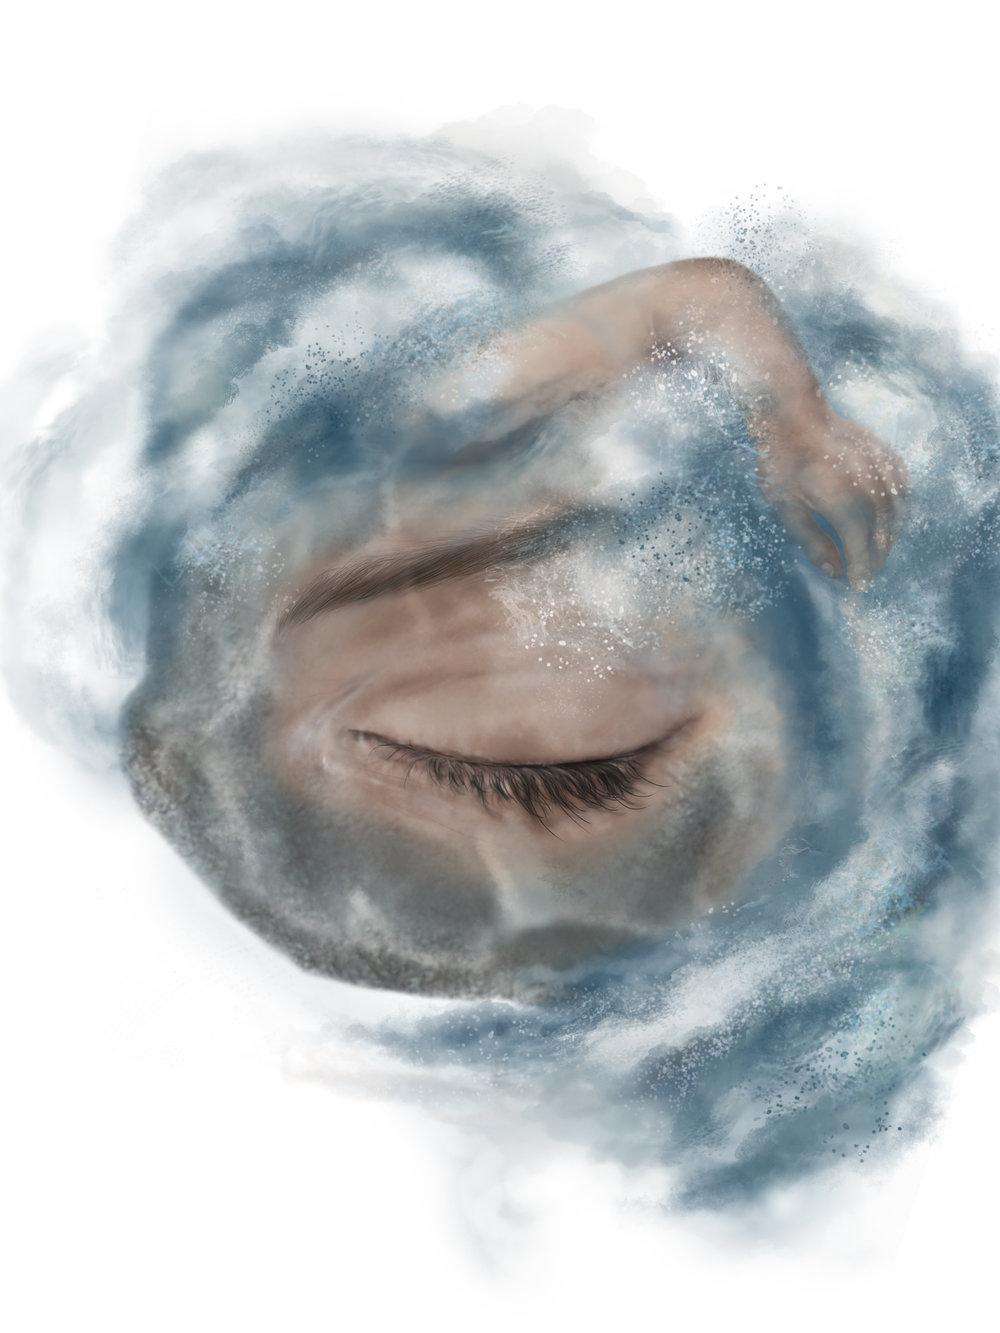 Deep Waters [...]